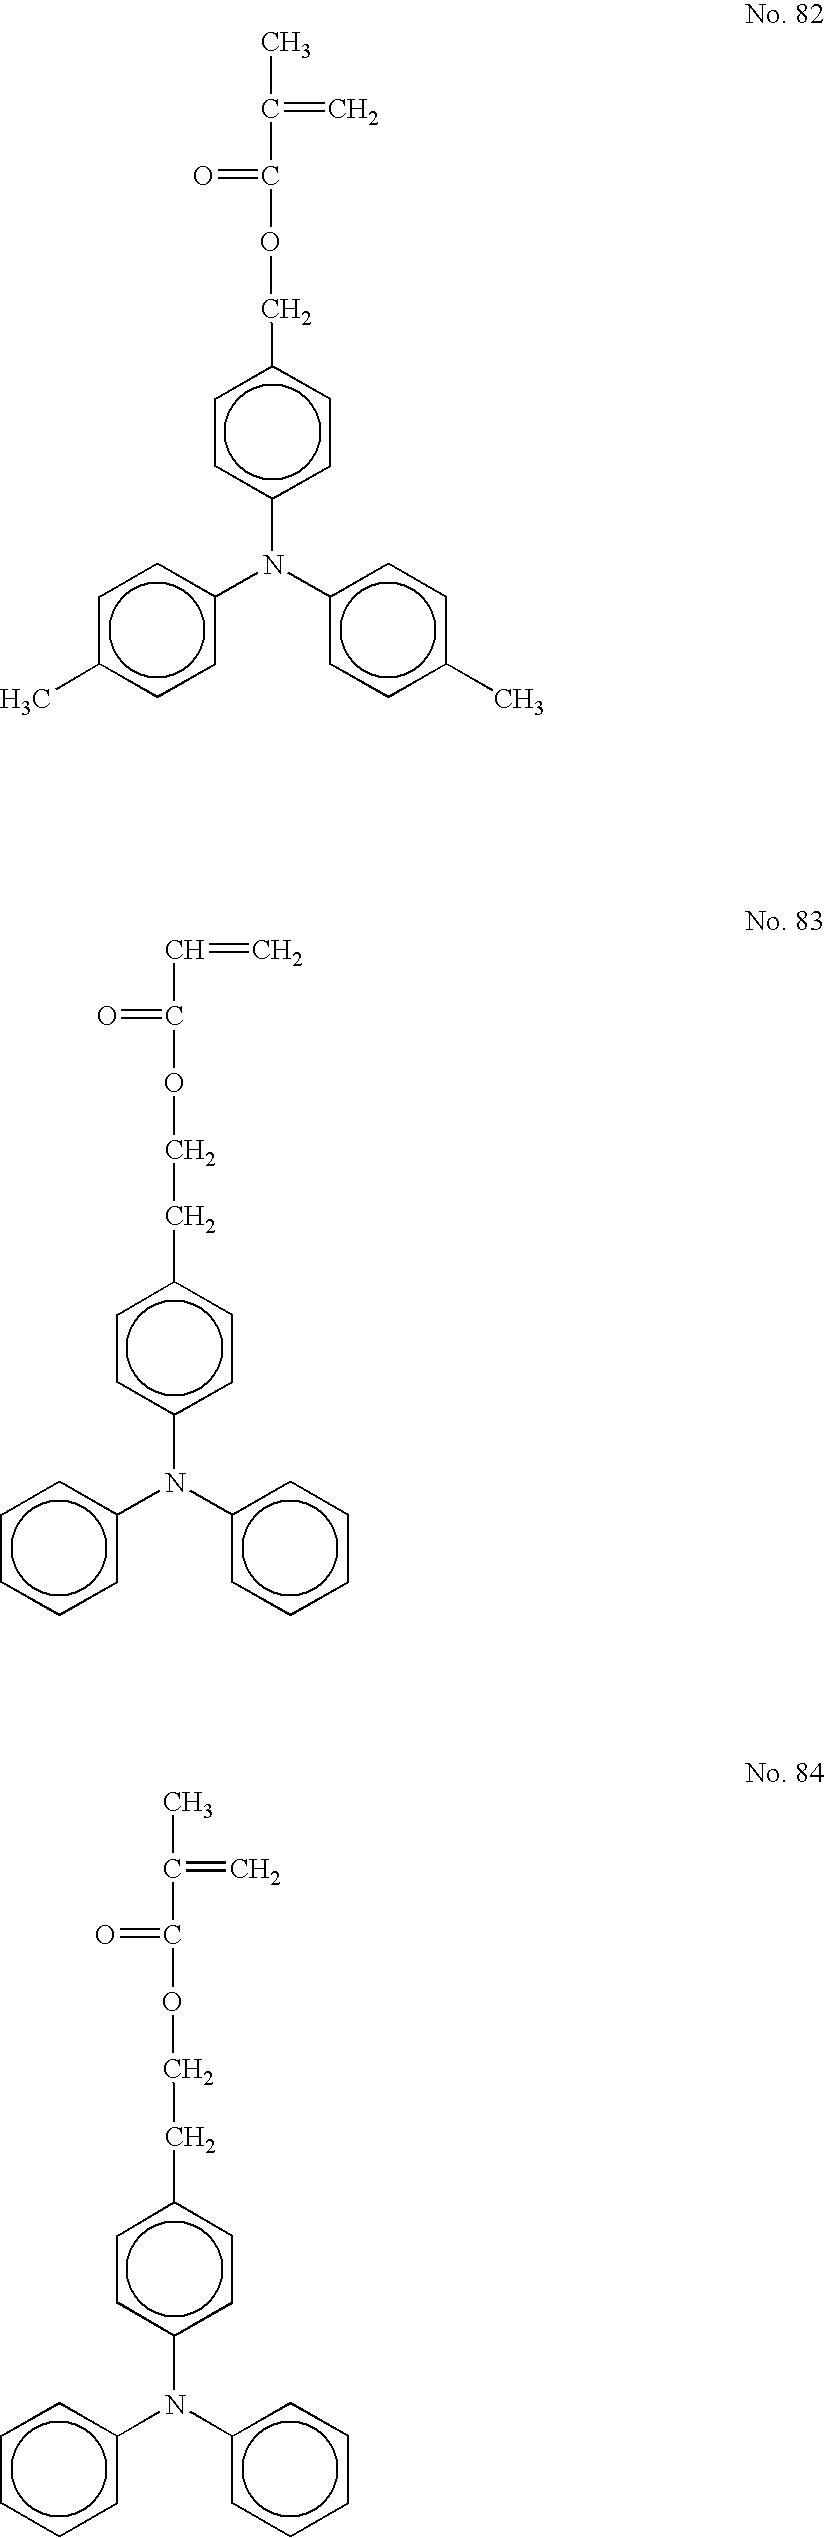 Figure US07175957-20070213-C00039